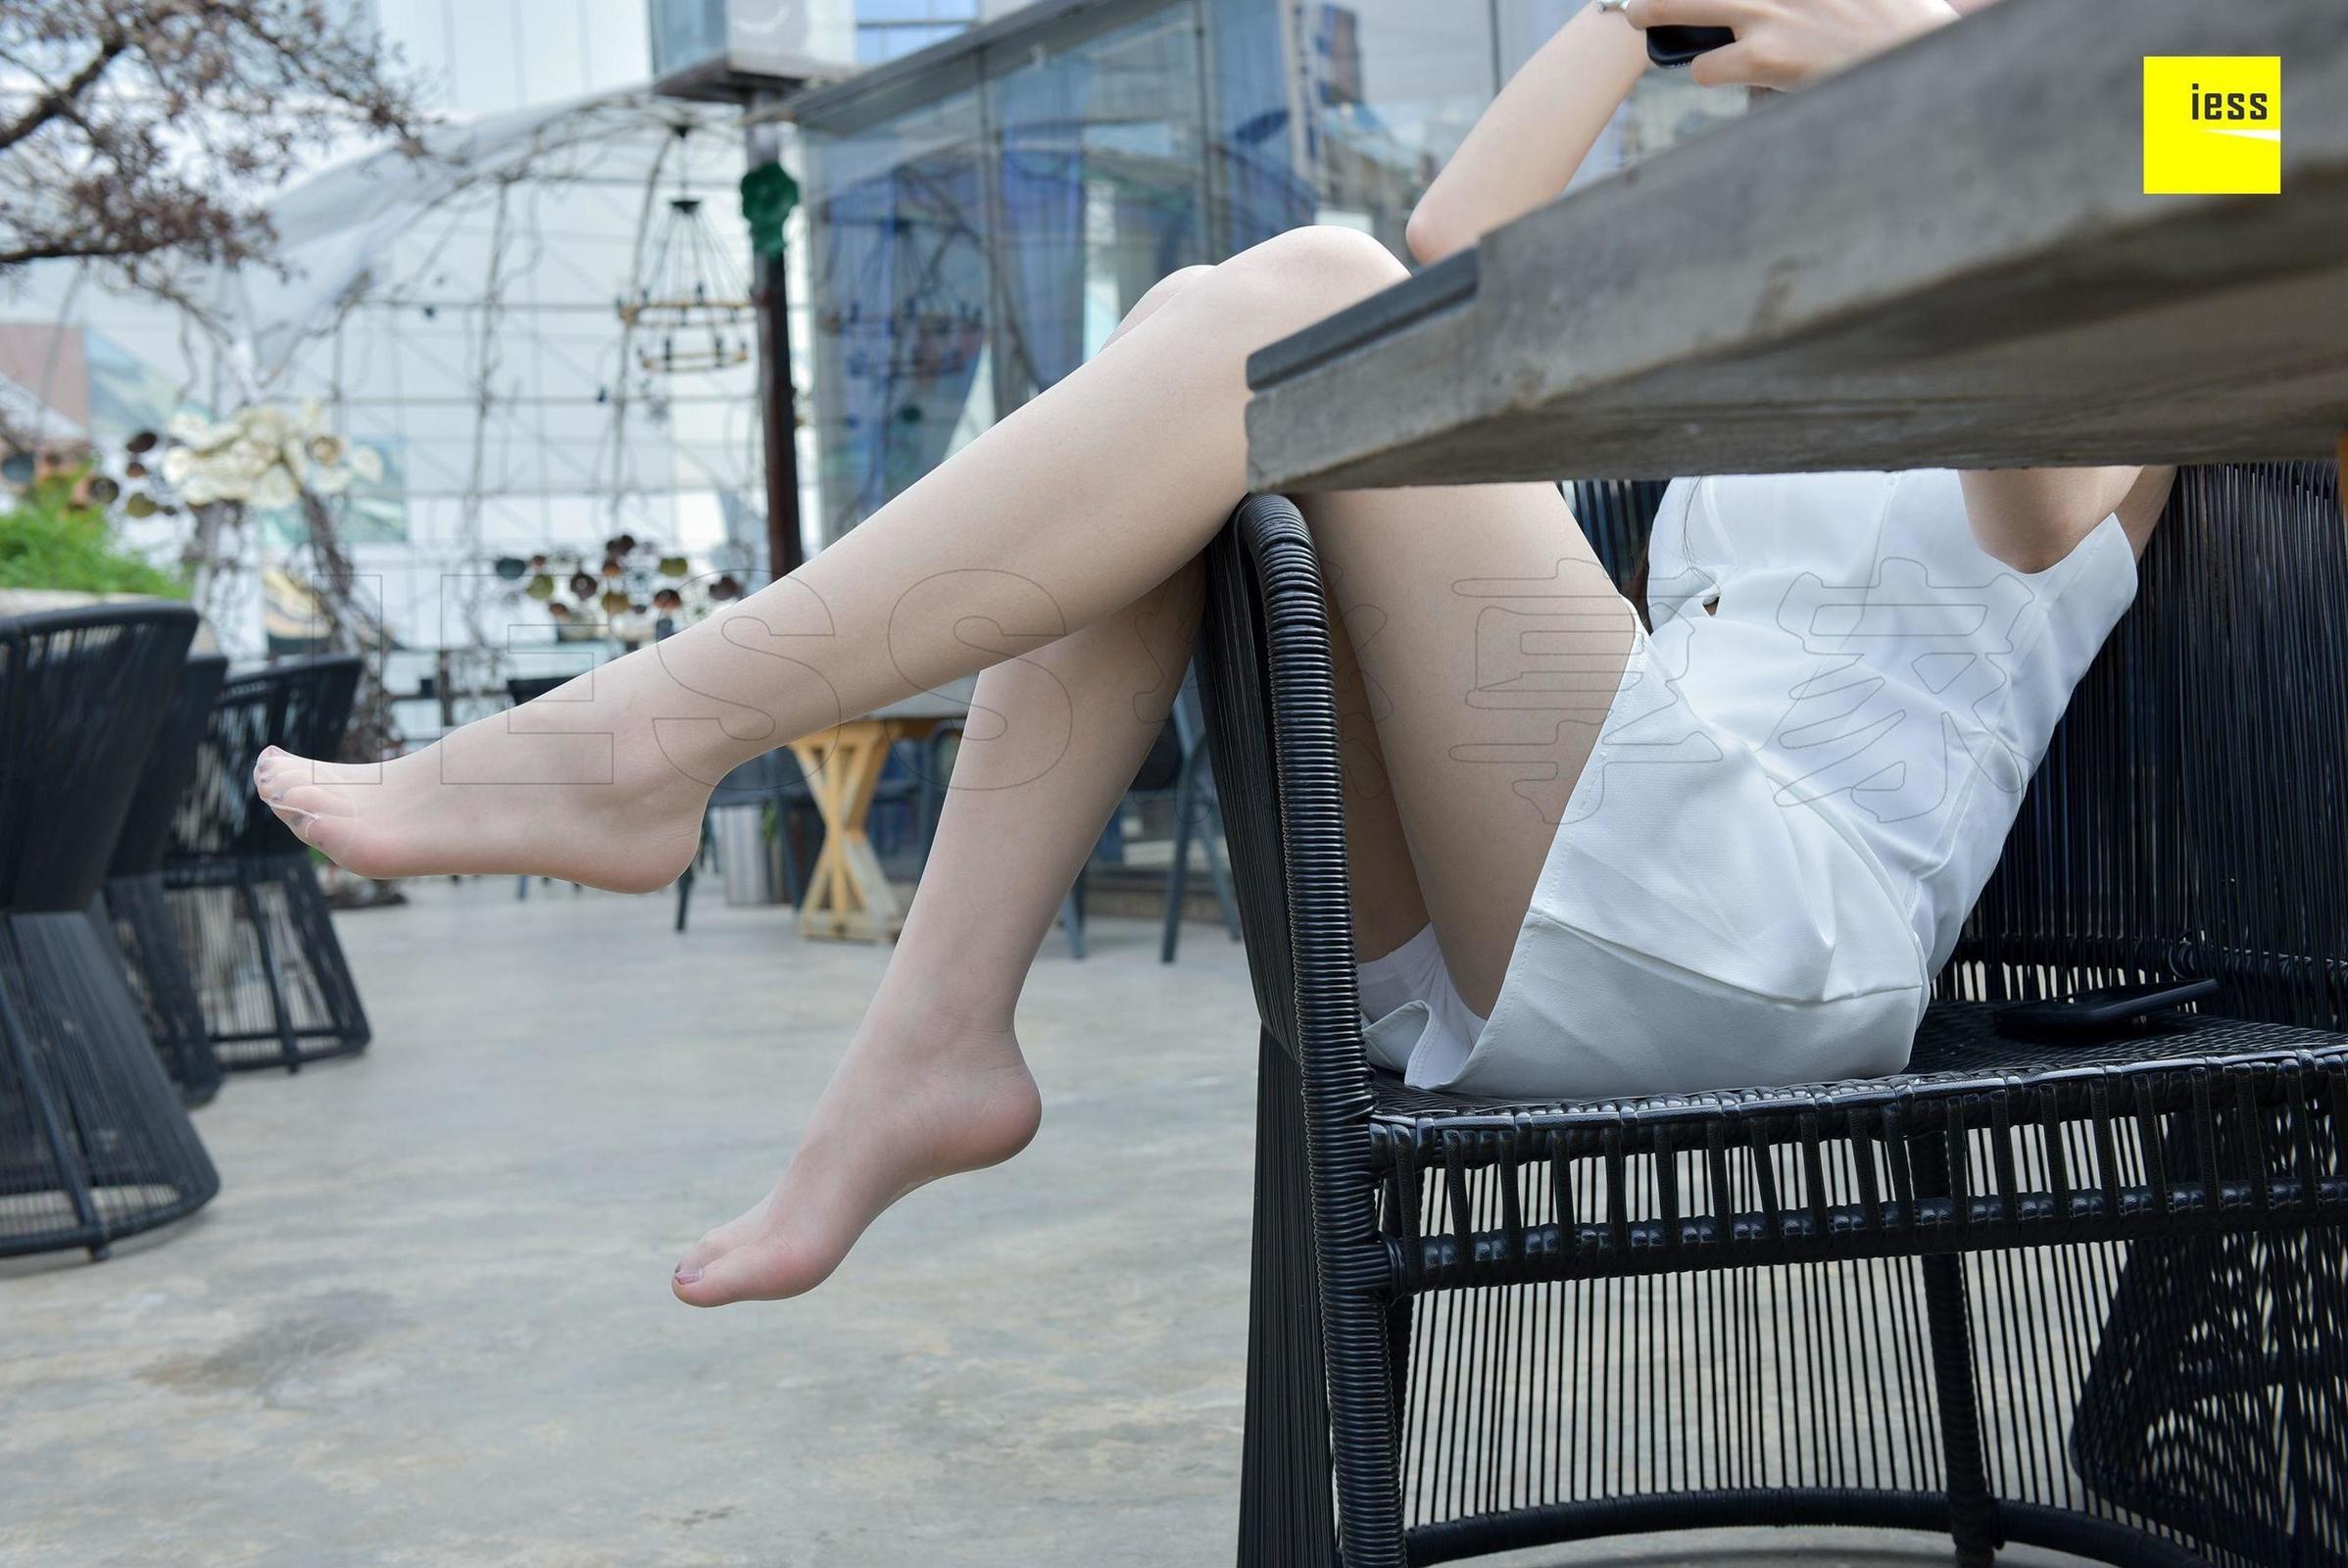 七七 《银色平底鞋肉丝》丝袜美腿写真套图